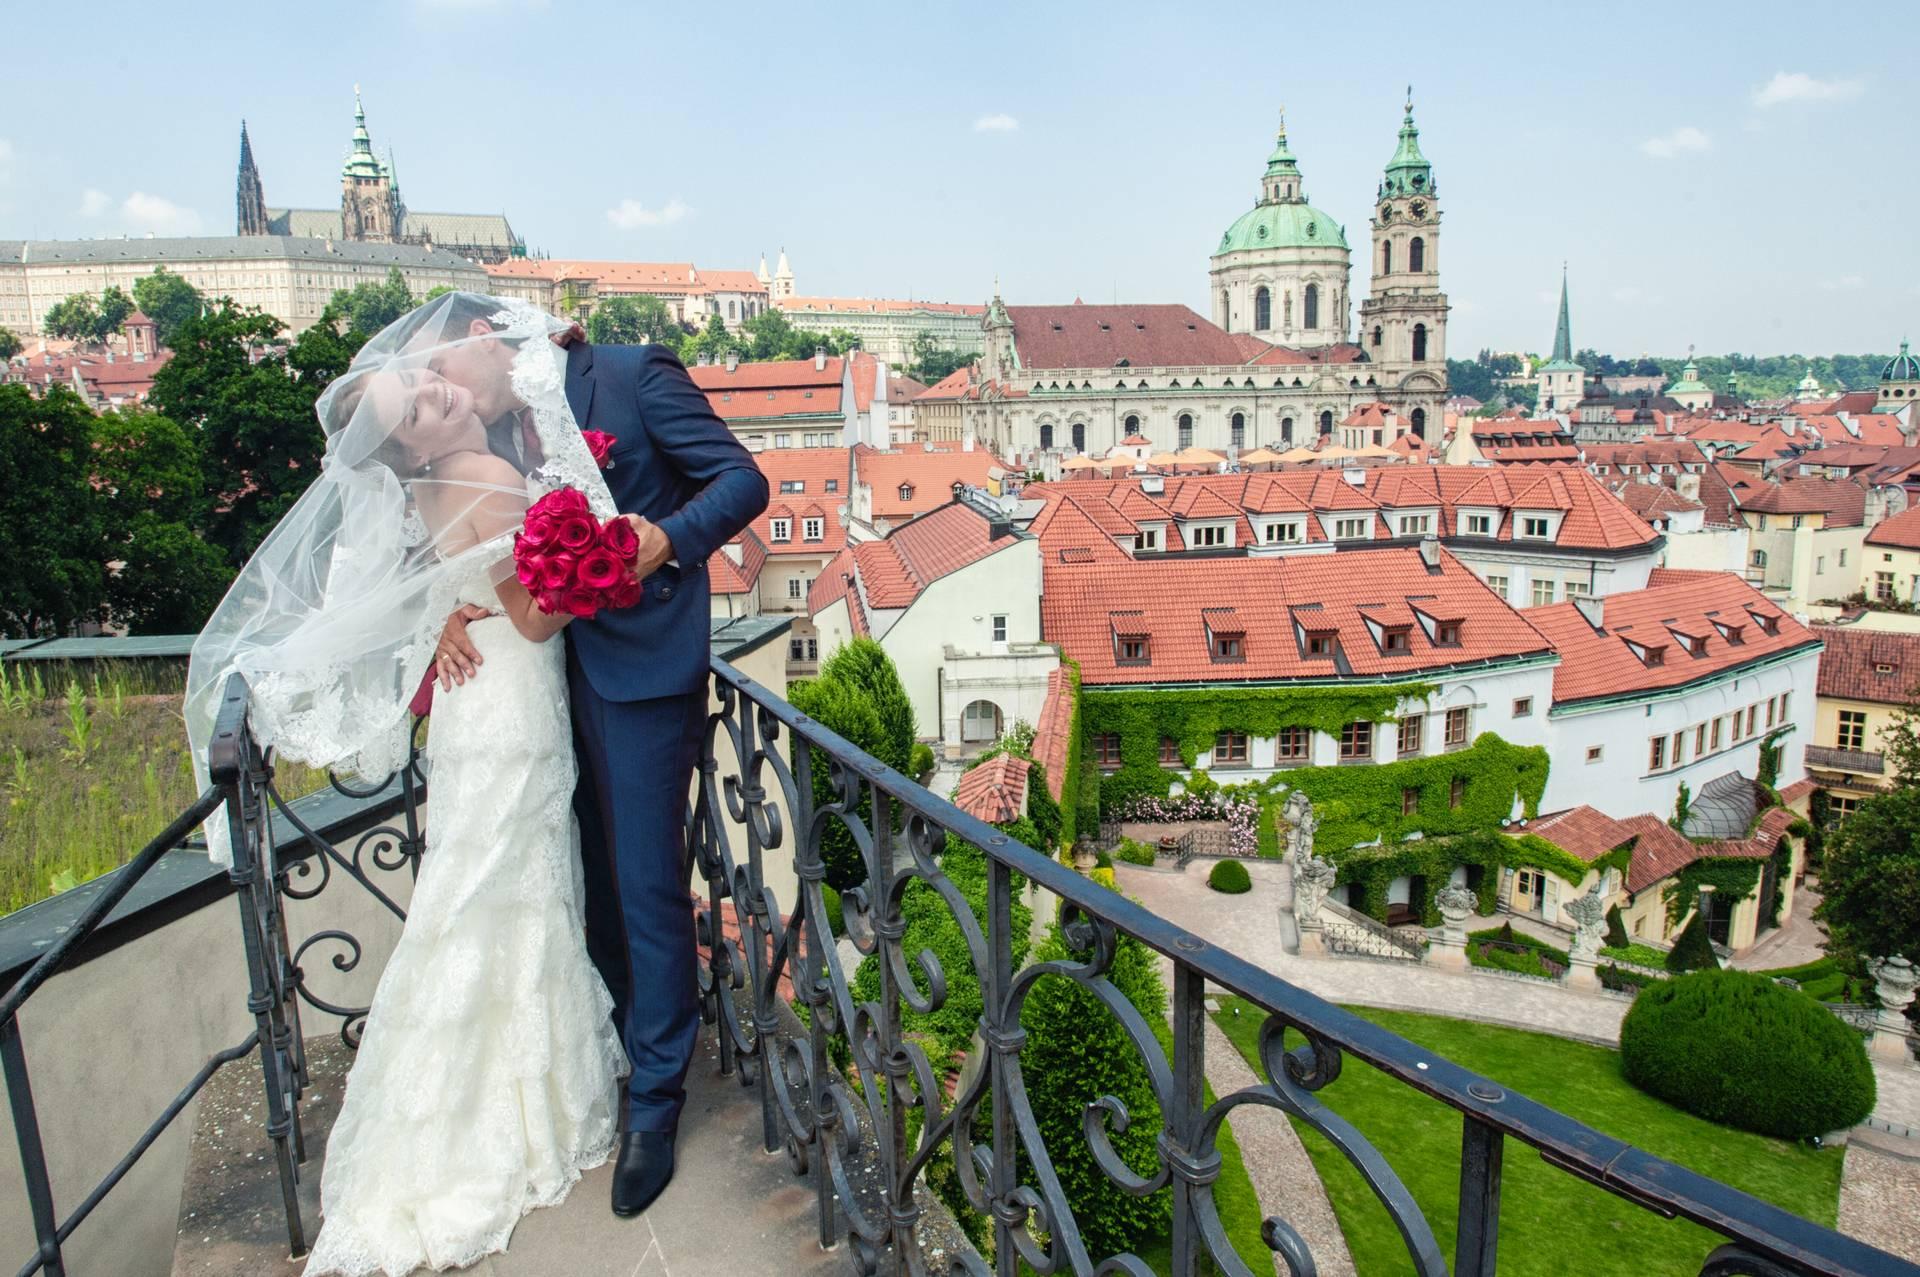 Как получить гражданство в чехии: чешское гражданство, как стать гражданином чехии в 2019 году